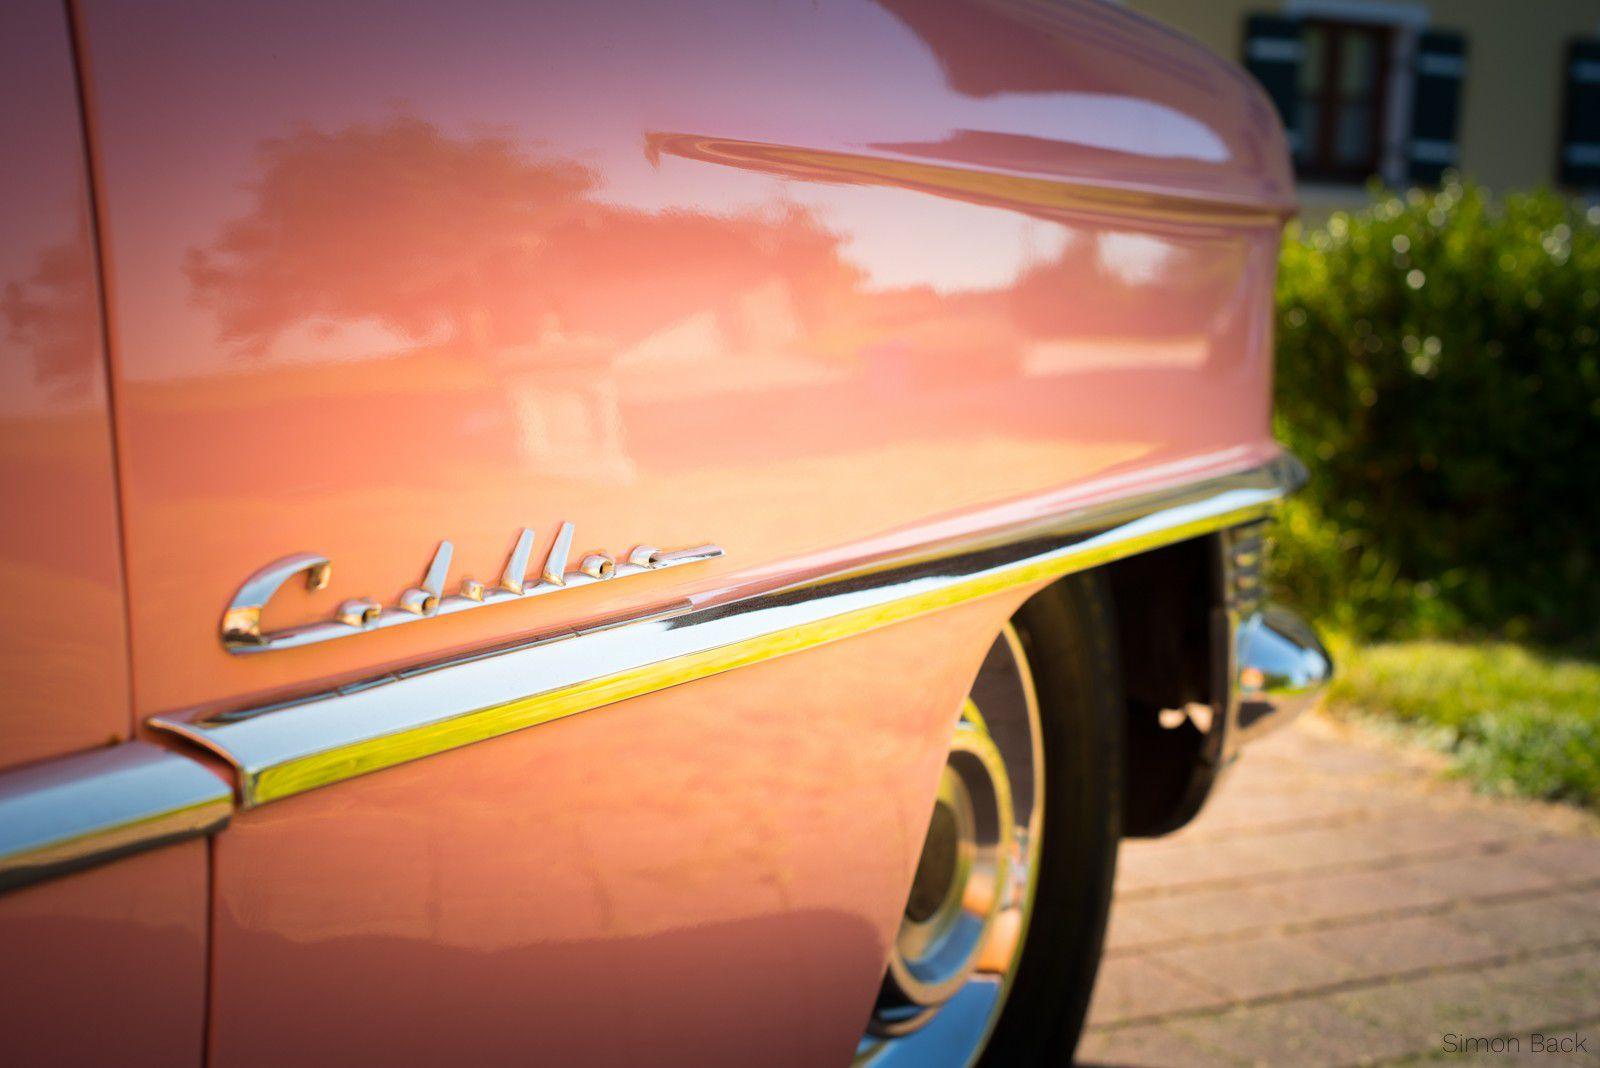 SimonBack.de – Cadillac Shooting